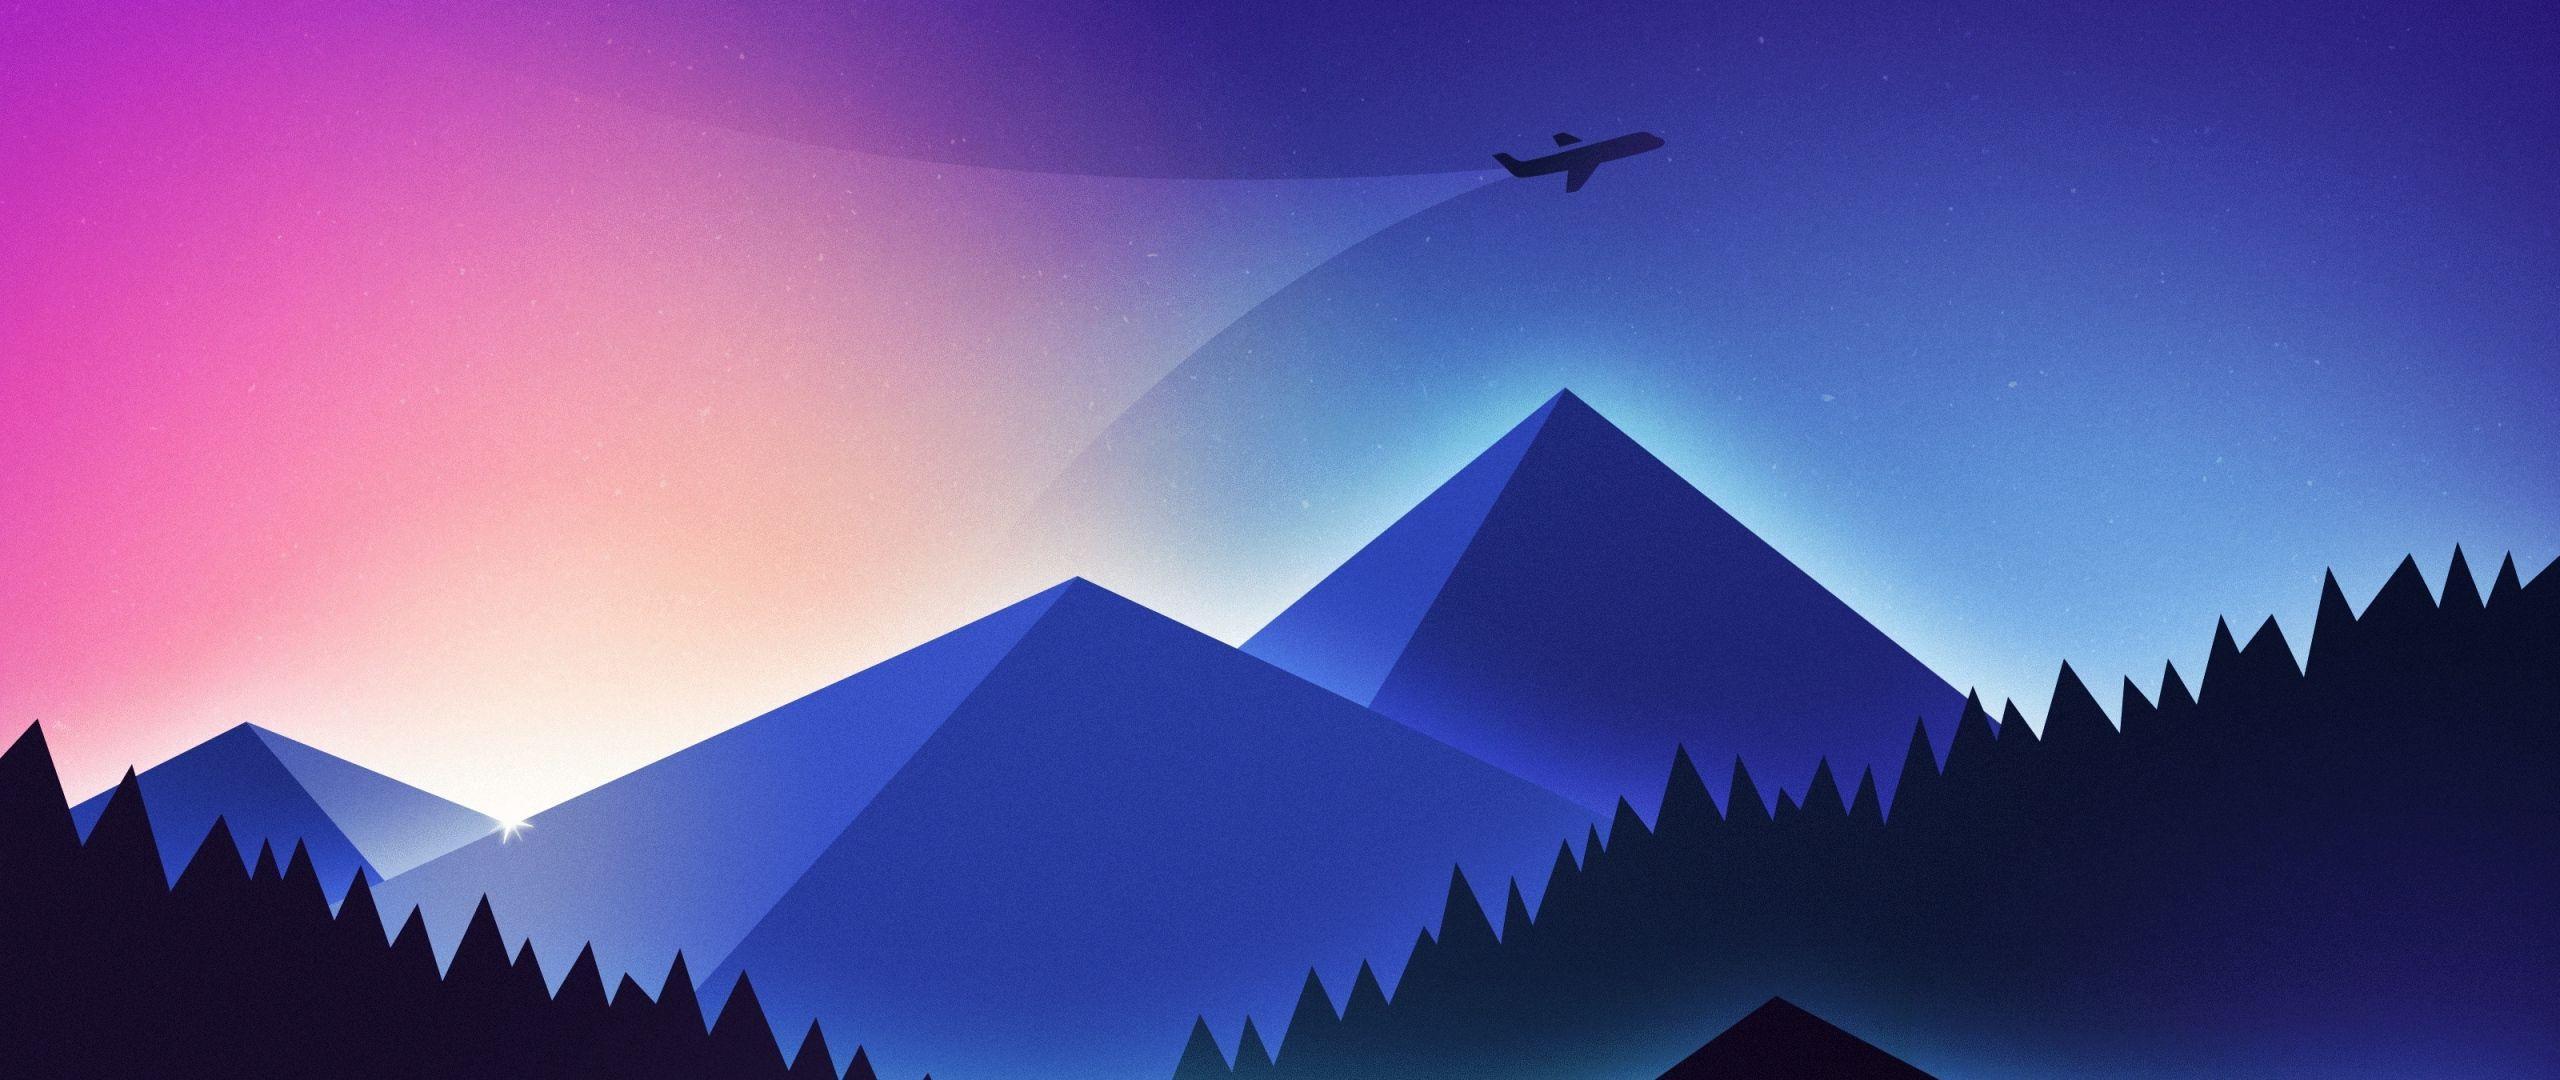 2560x1080 Tải xuống 2560x1080 chủ nghĩa tối giản hình nền, máy bay trên núi